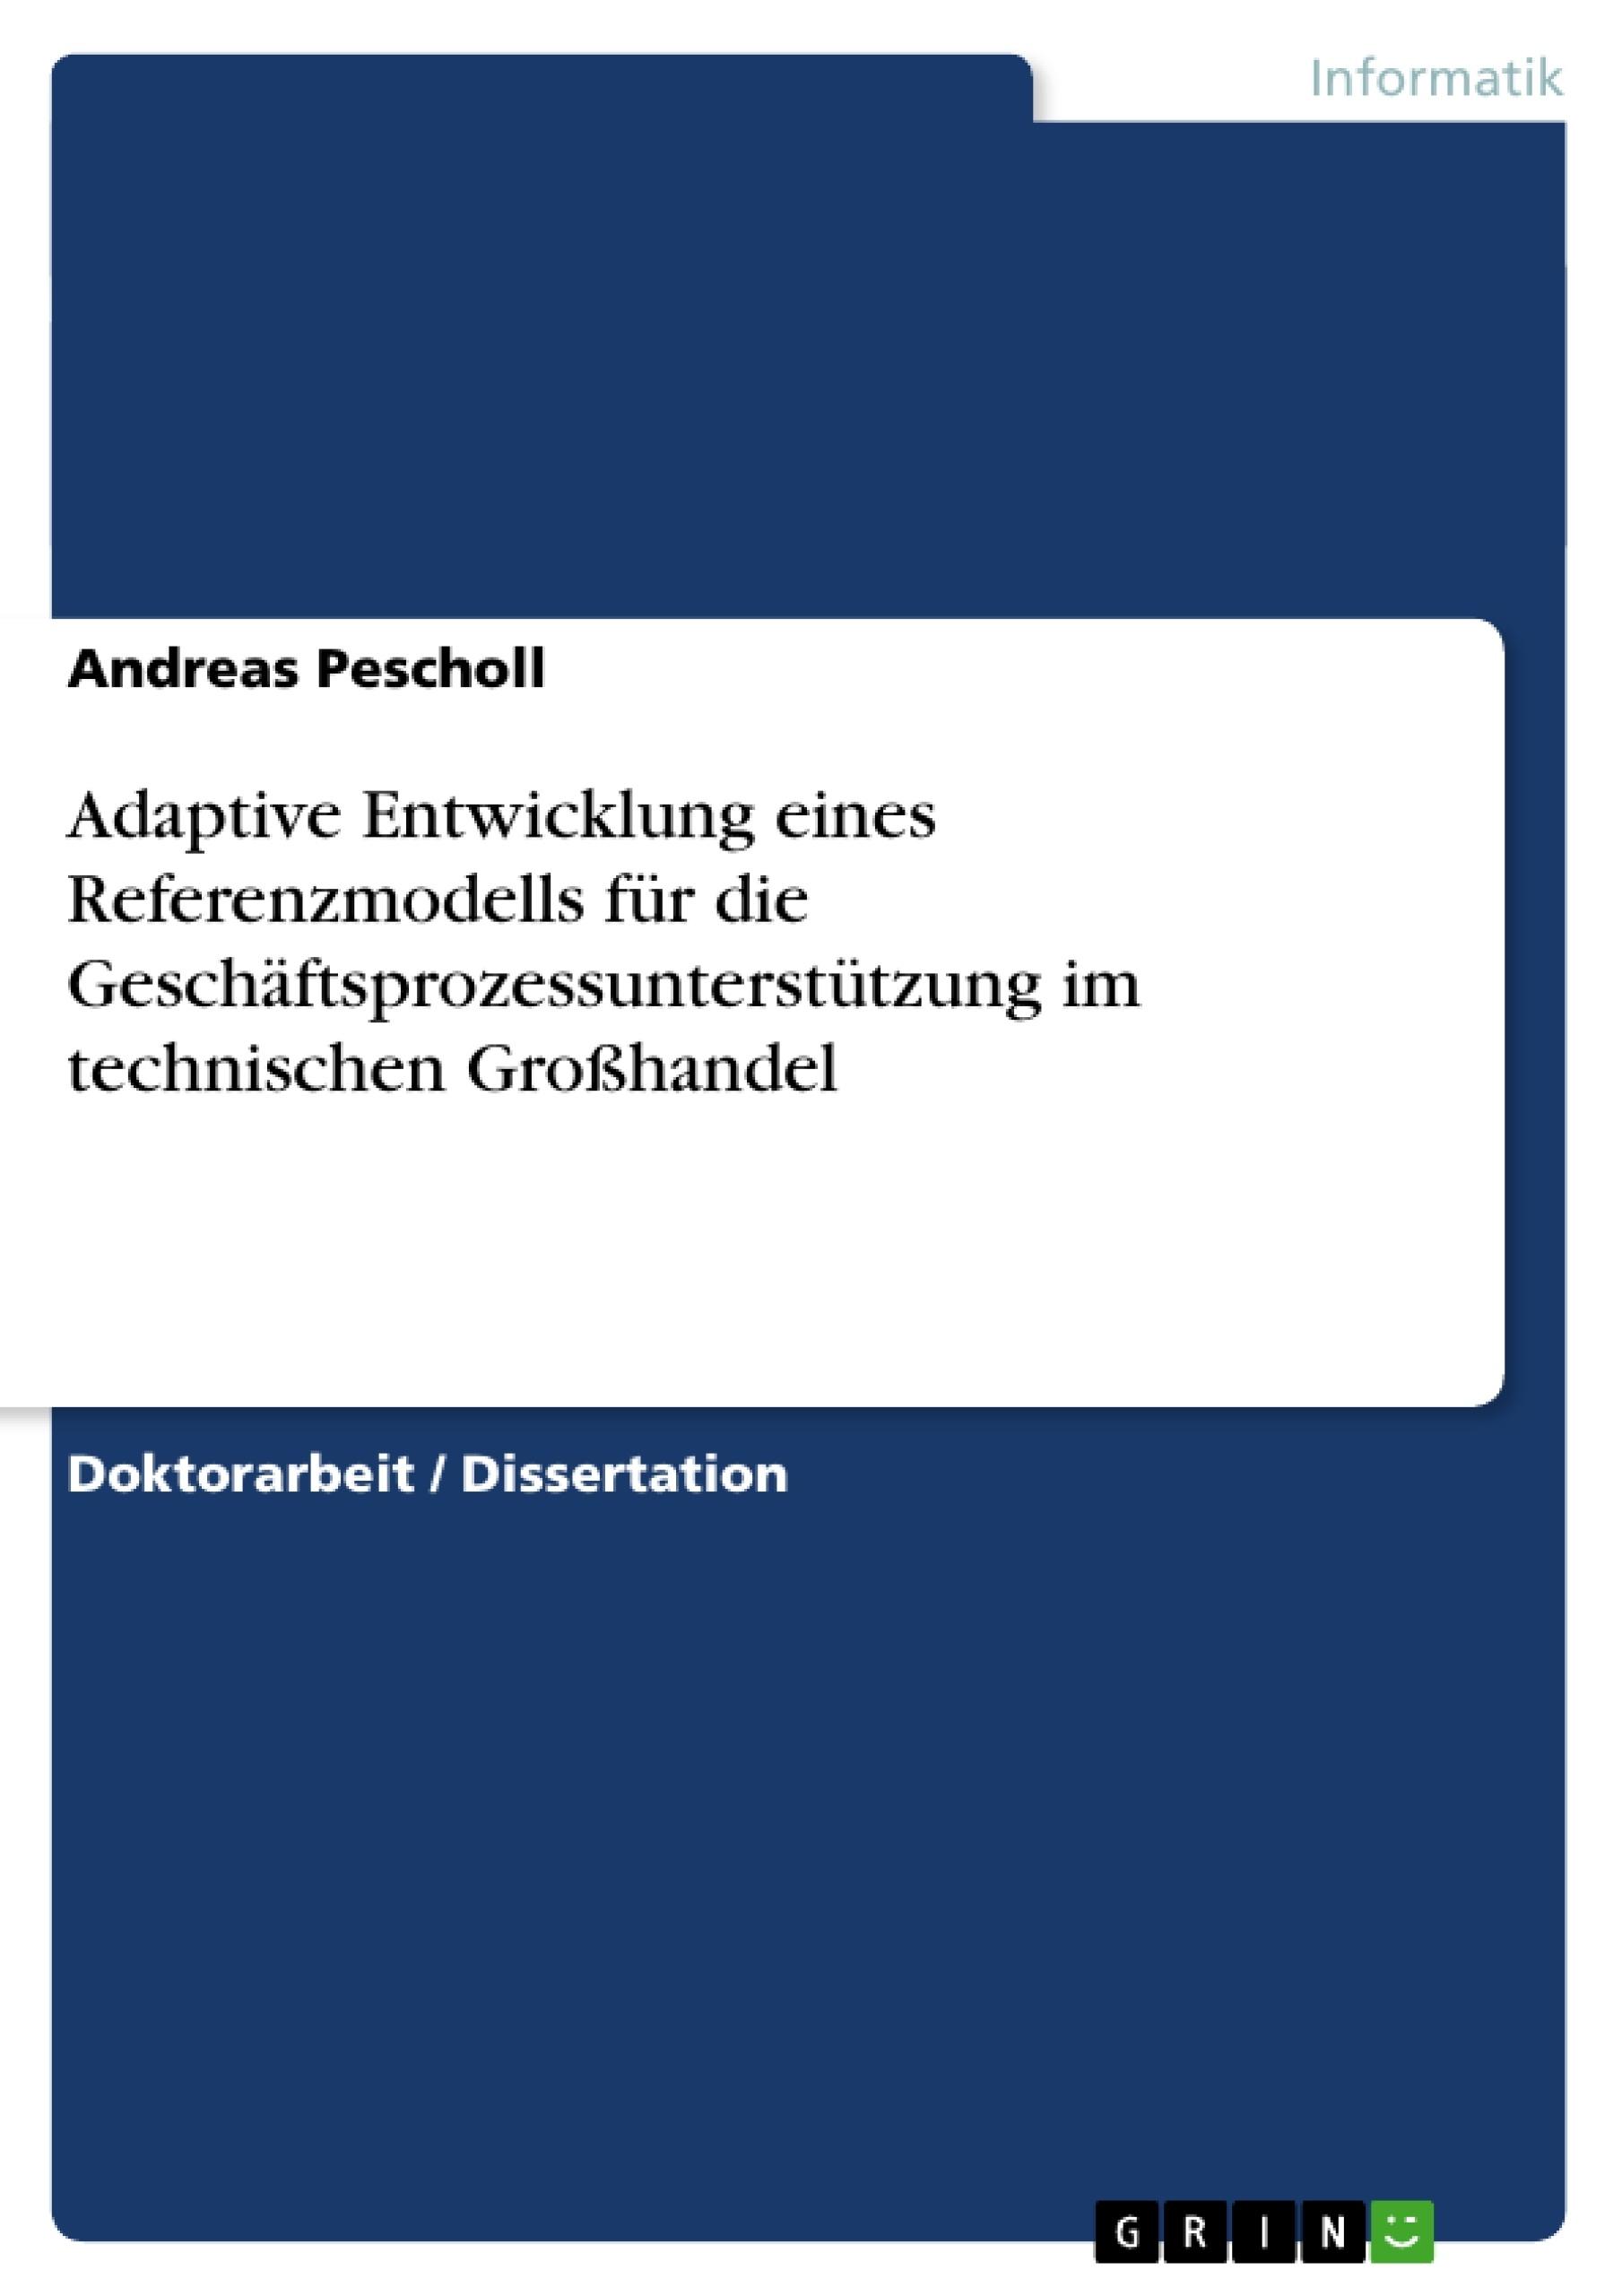 Titel: Adaptive Entwicklung eines Referenzmodells für die Geschäftsprozessunterstützung im technischen Großhandel